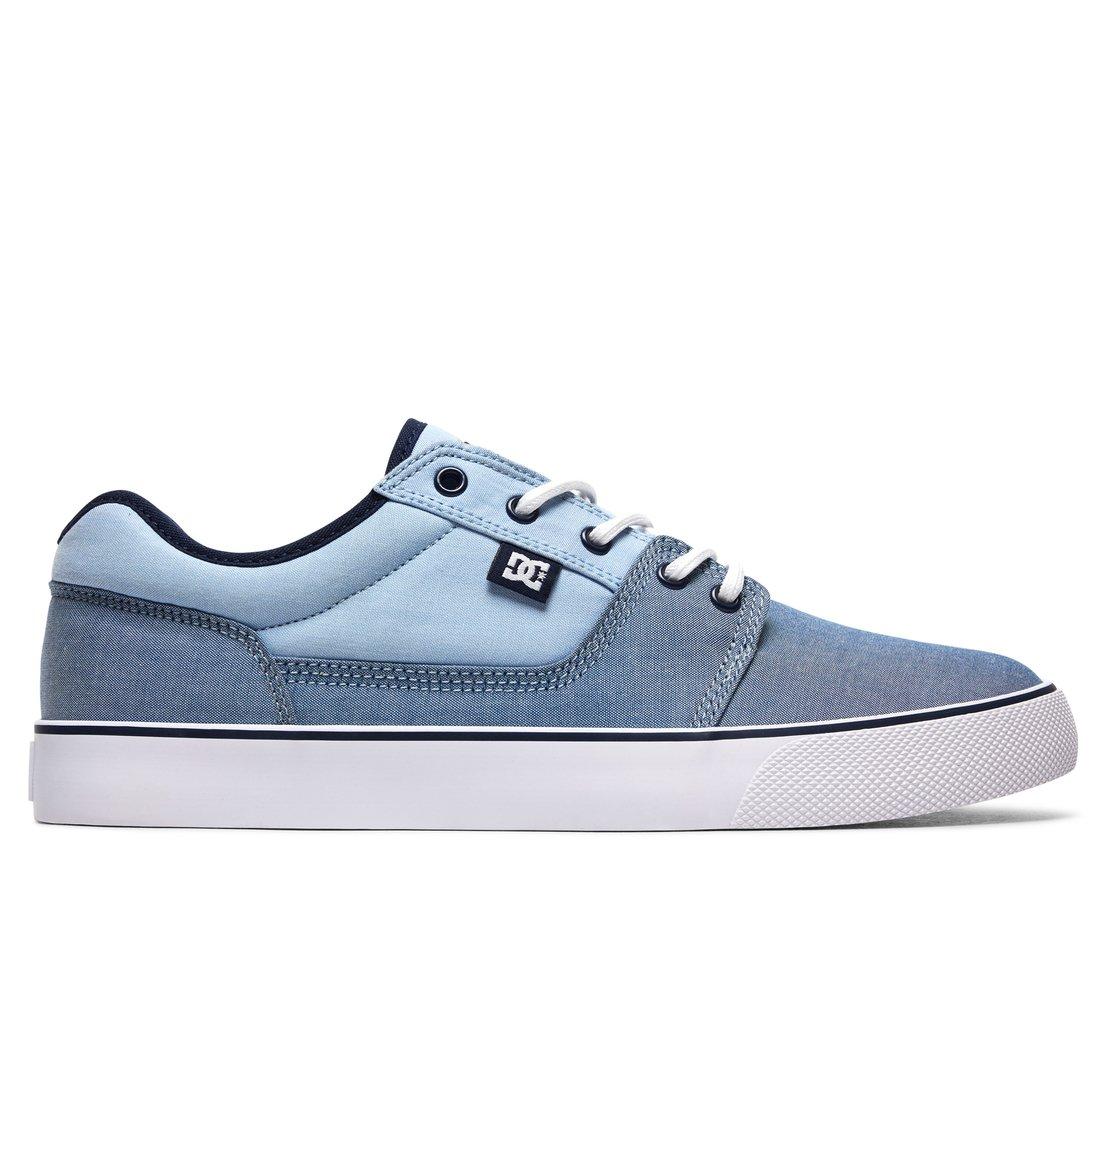 DC Shoes - Tonik TX SE - Baskets 53tH1ms